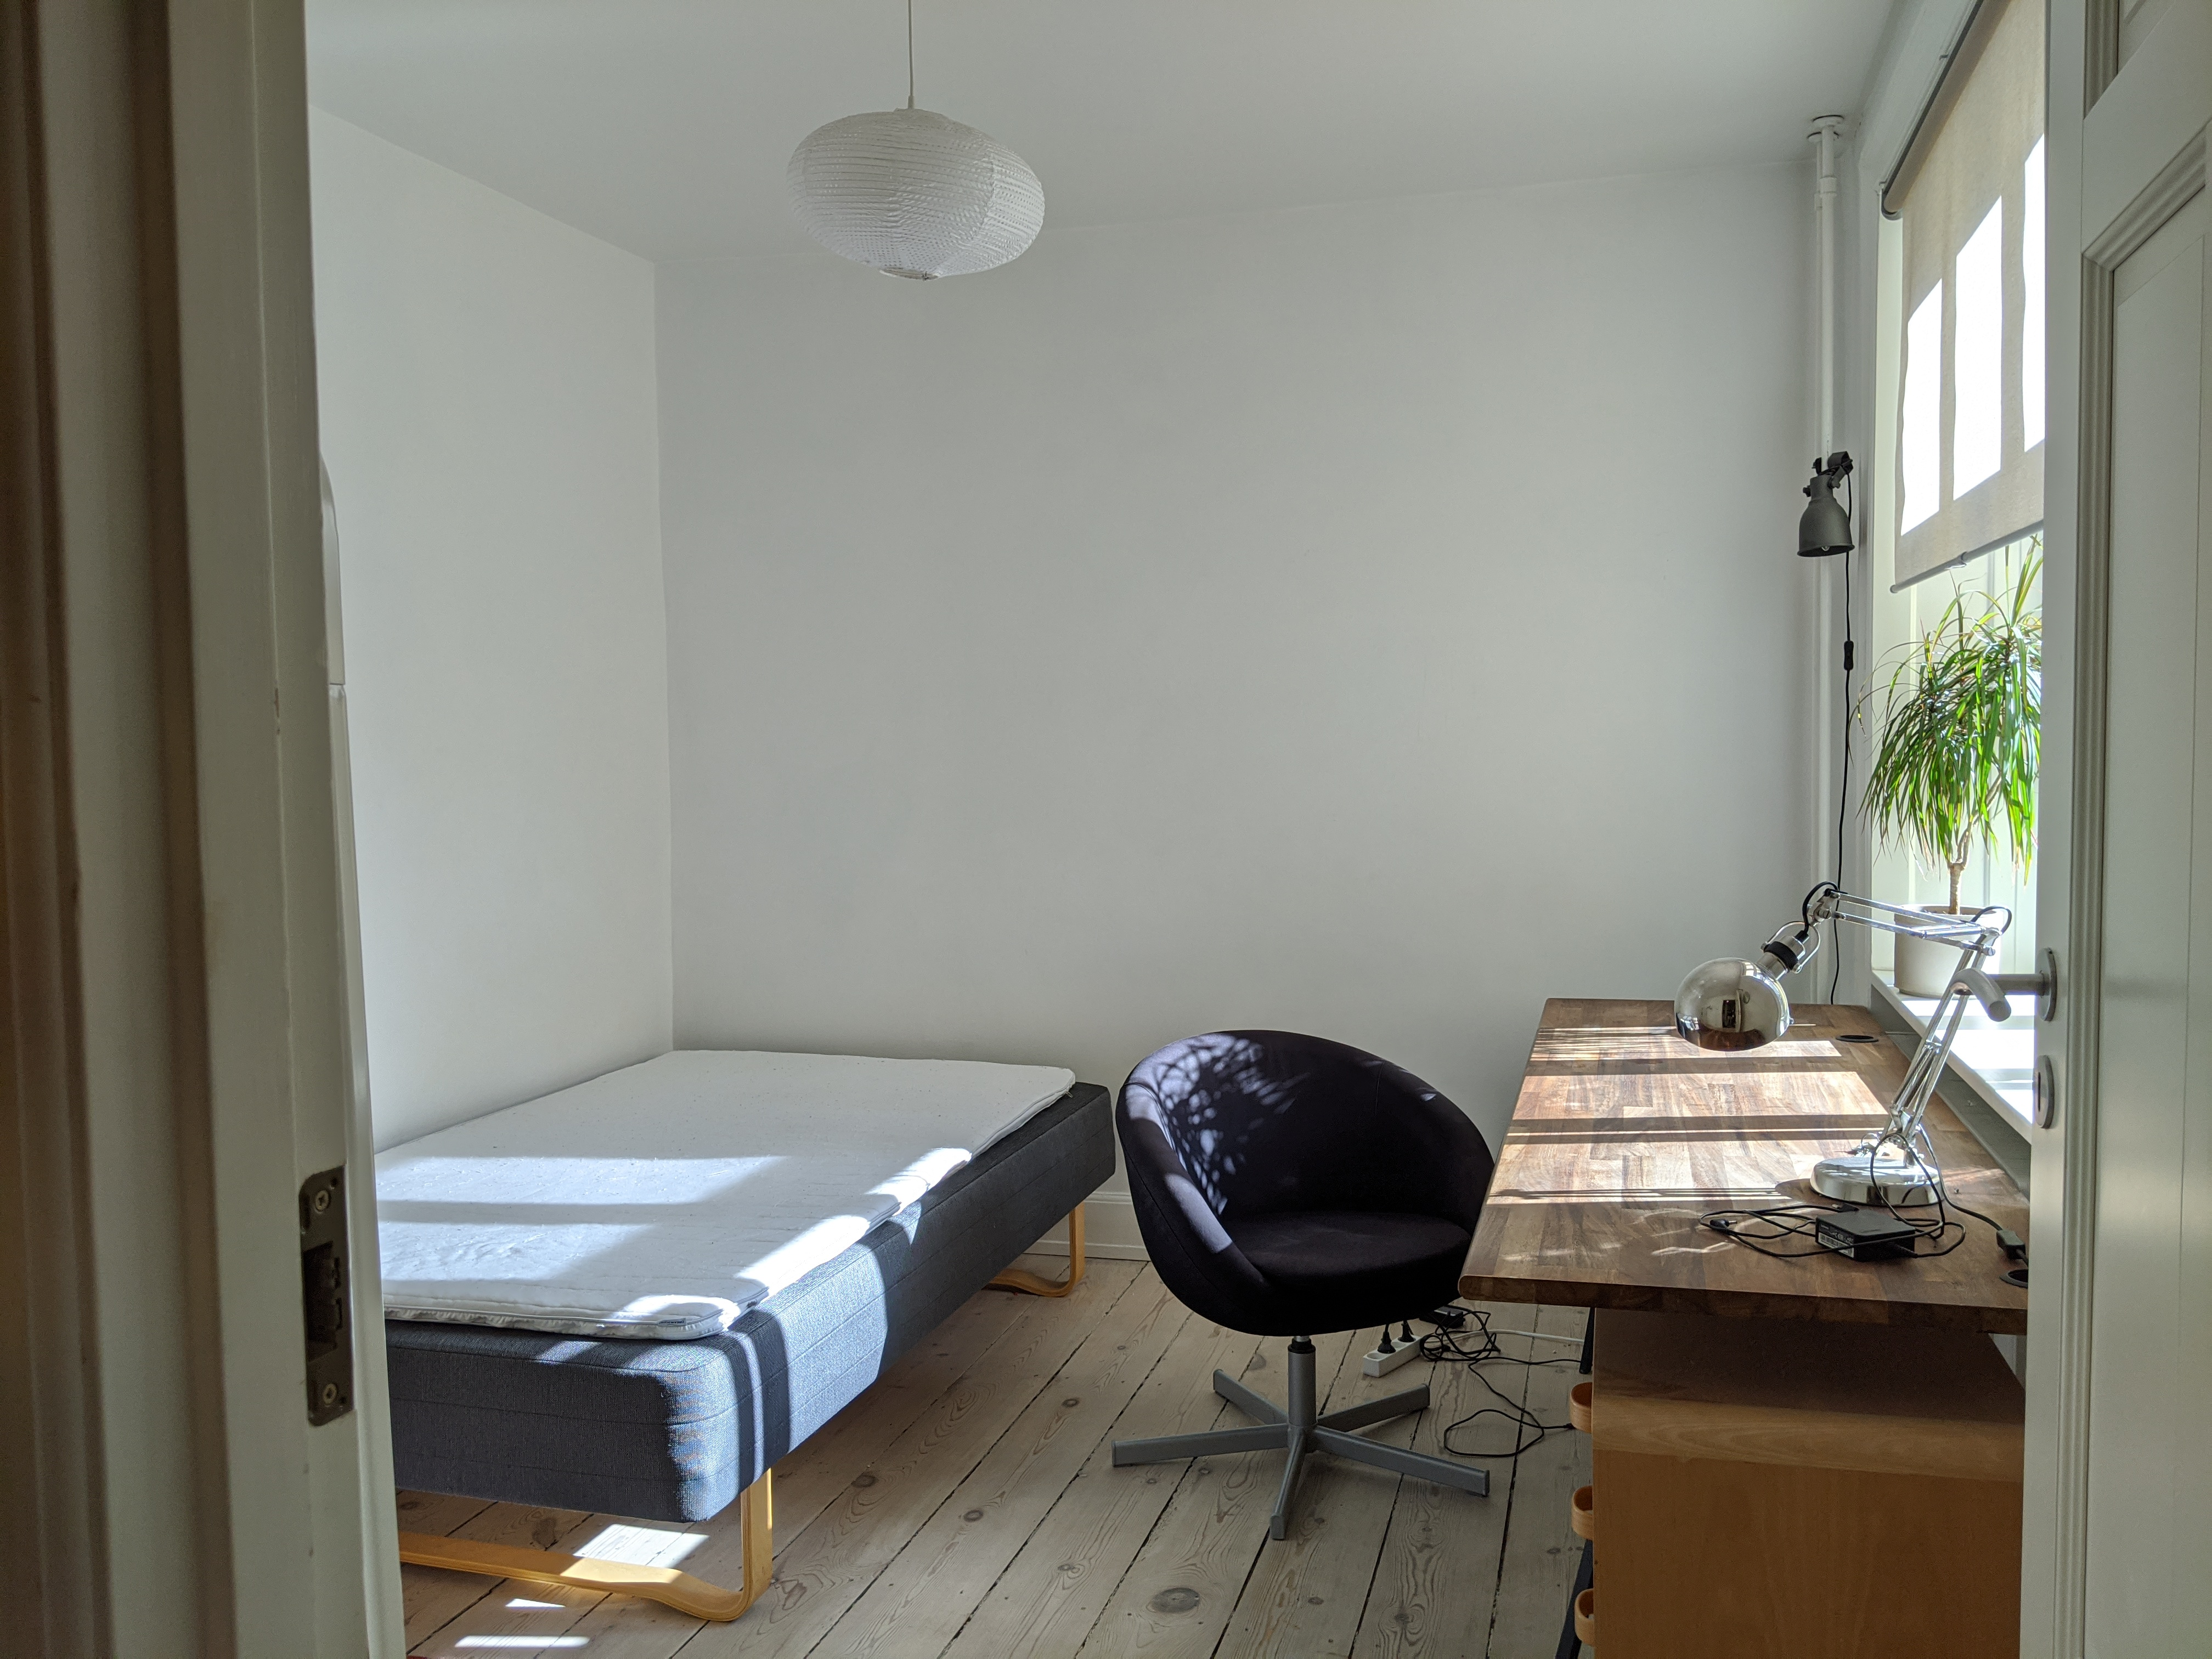 Hyggeligt værelse ved Nørrebros Runddel